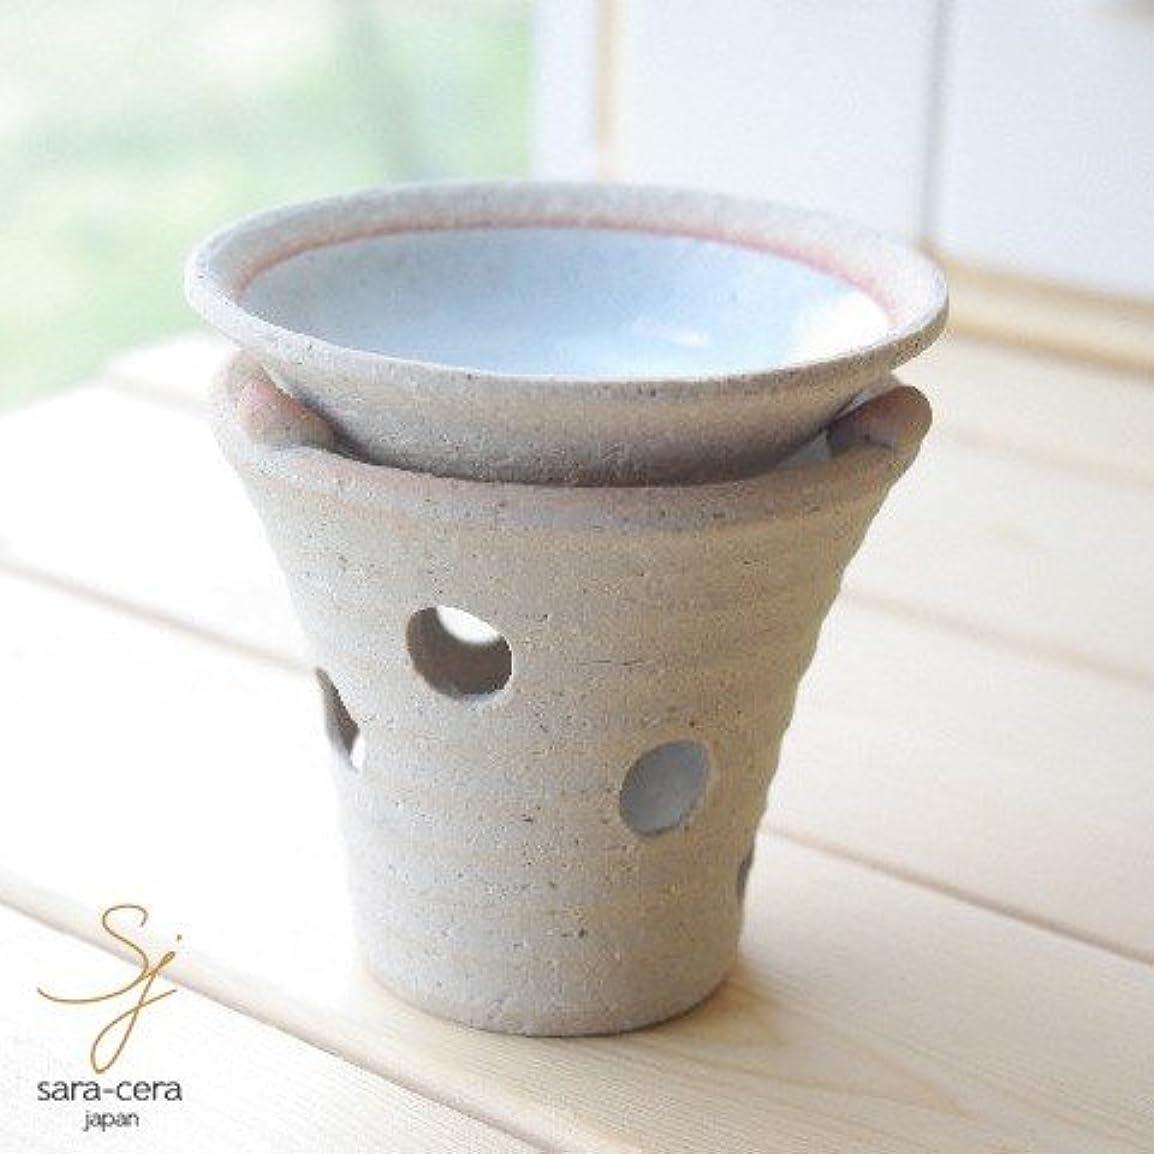 兄弟愛住むシンジケート松助窯 手作り茶香炉セット 白釉 ホワイト アロマ 和食器 リビング